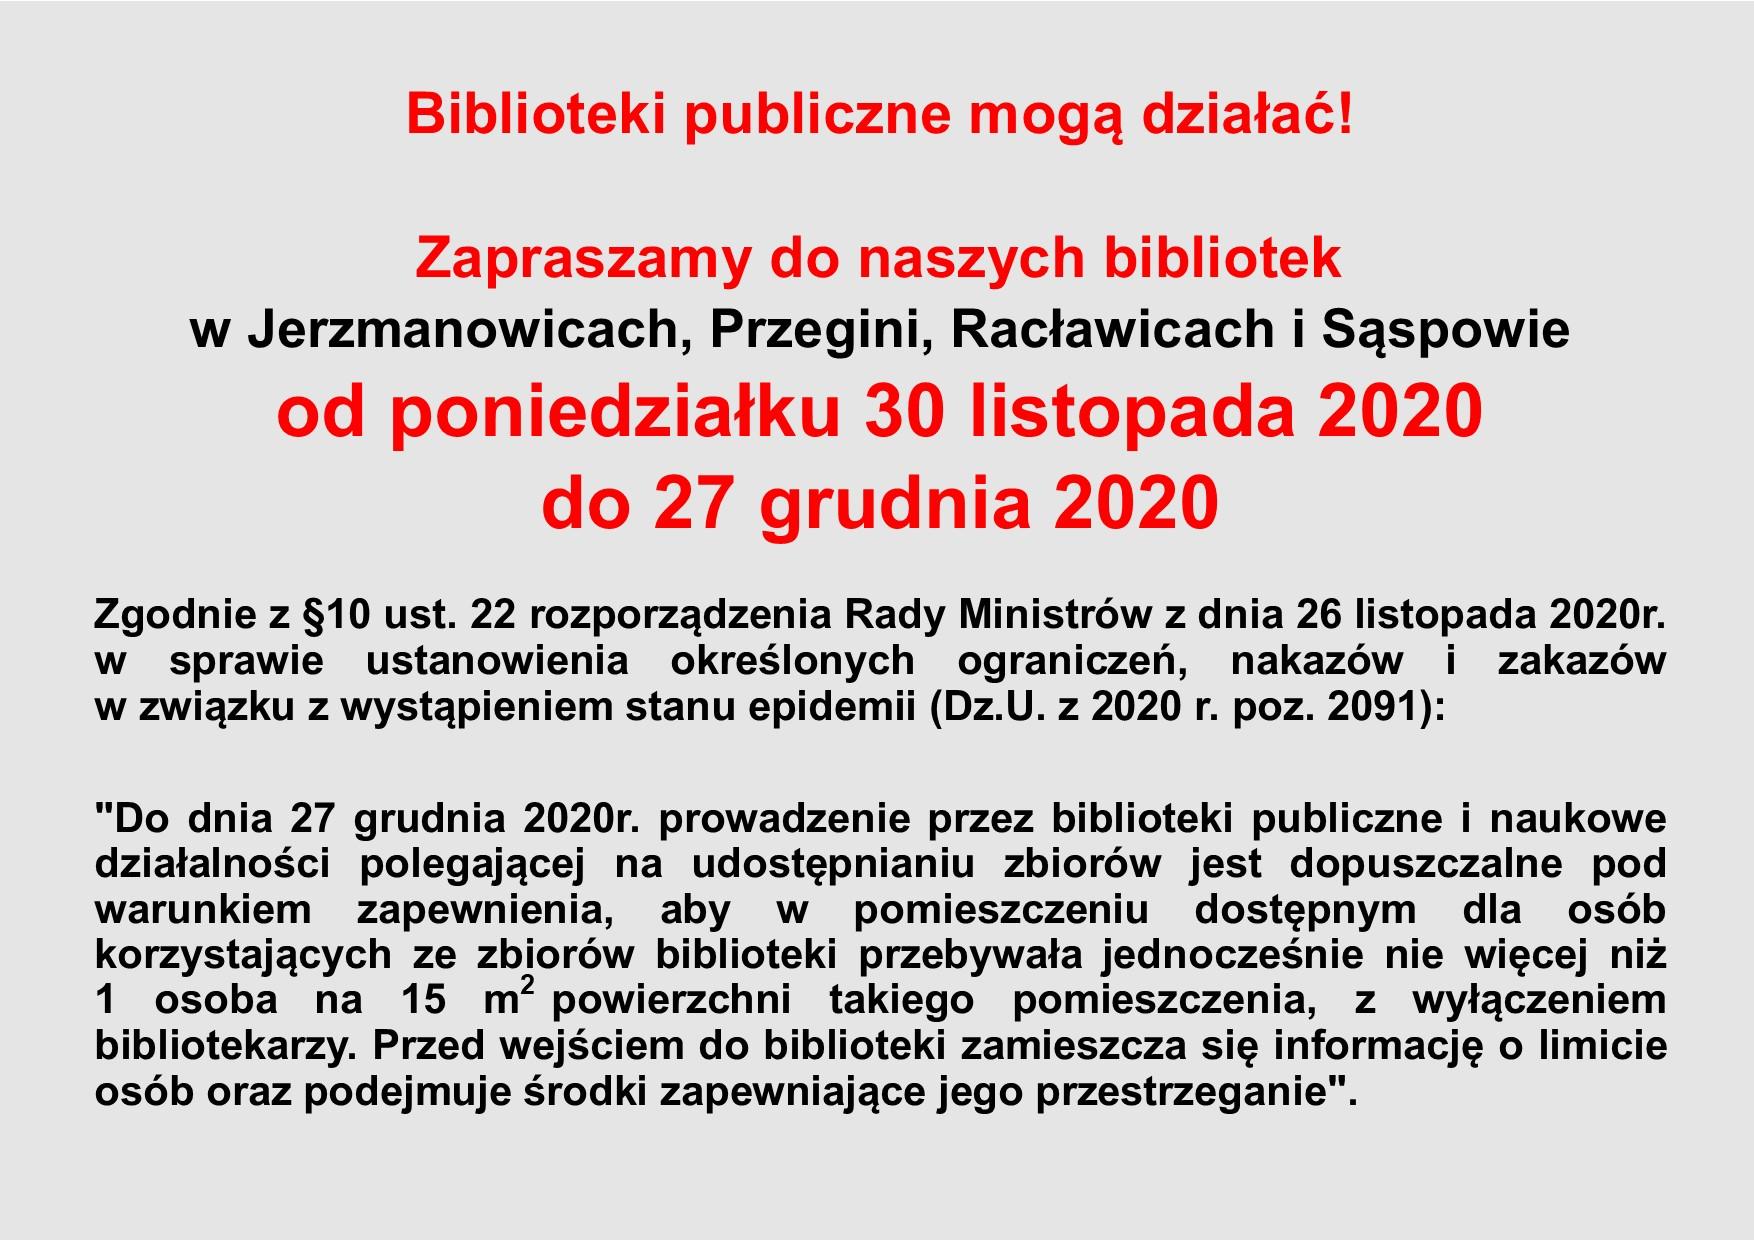 Ogłoszenie o otwarciu bibliotek